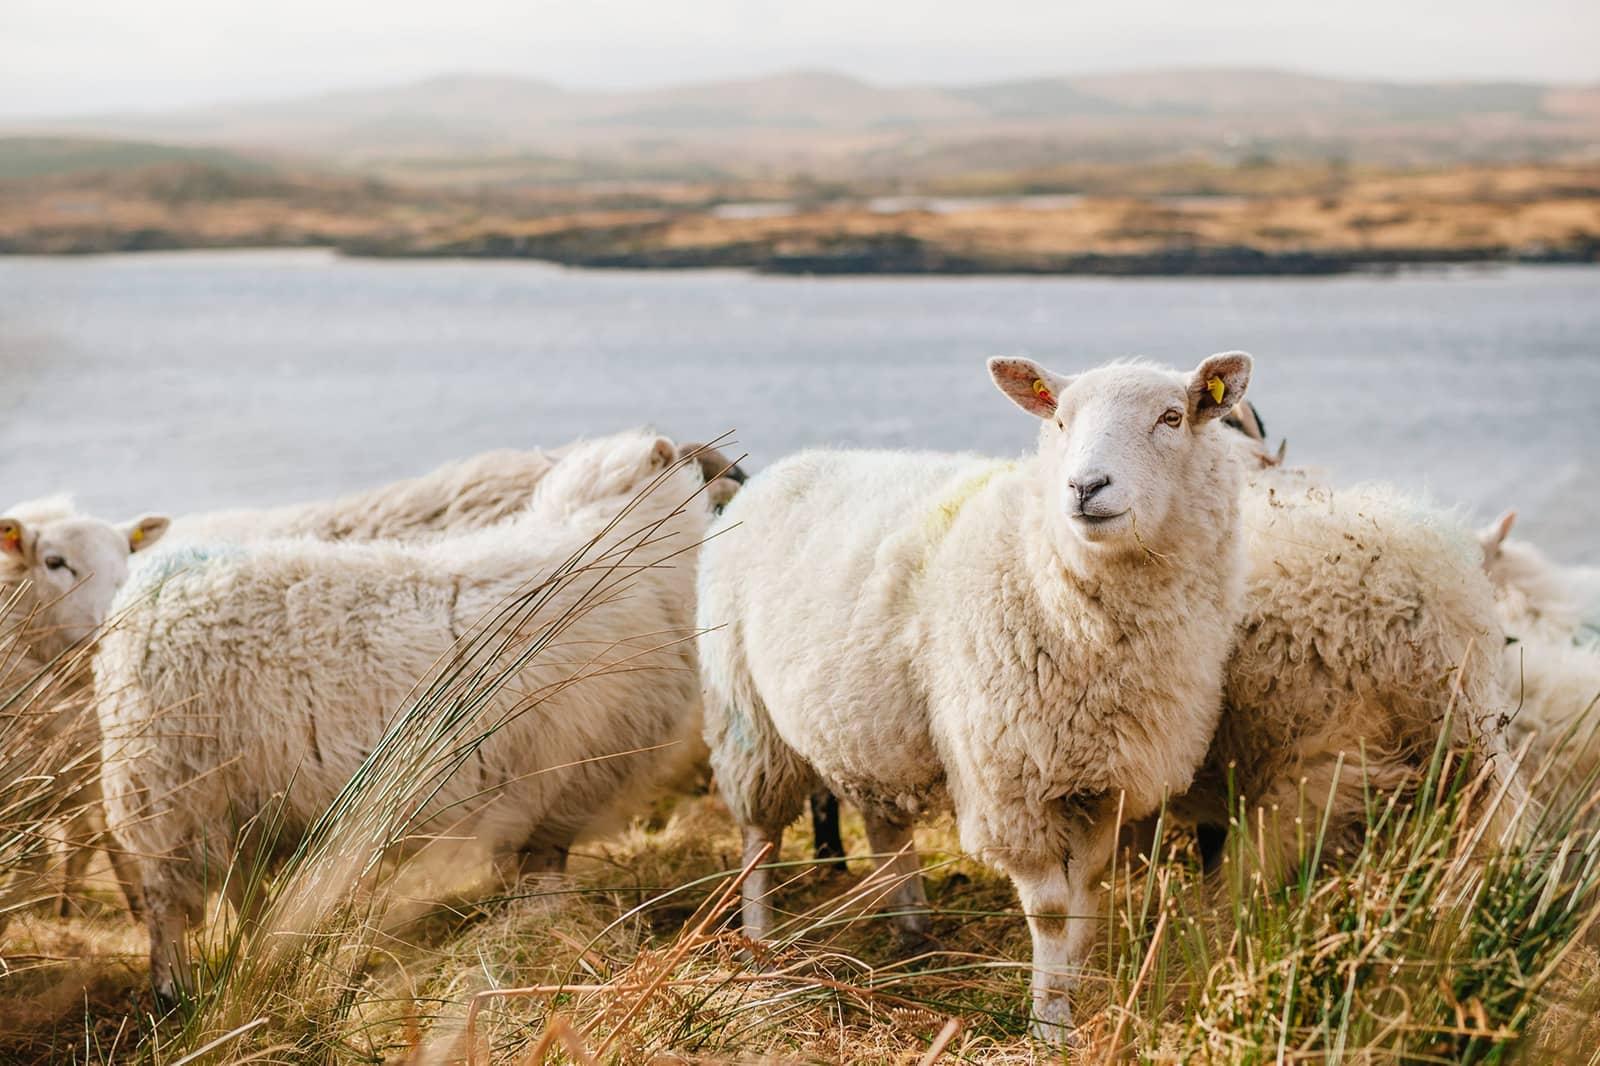 Sheep next to lake